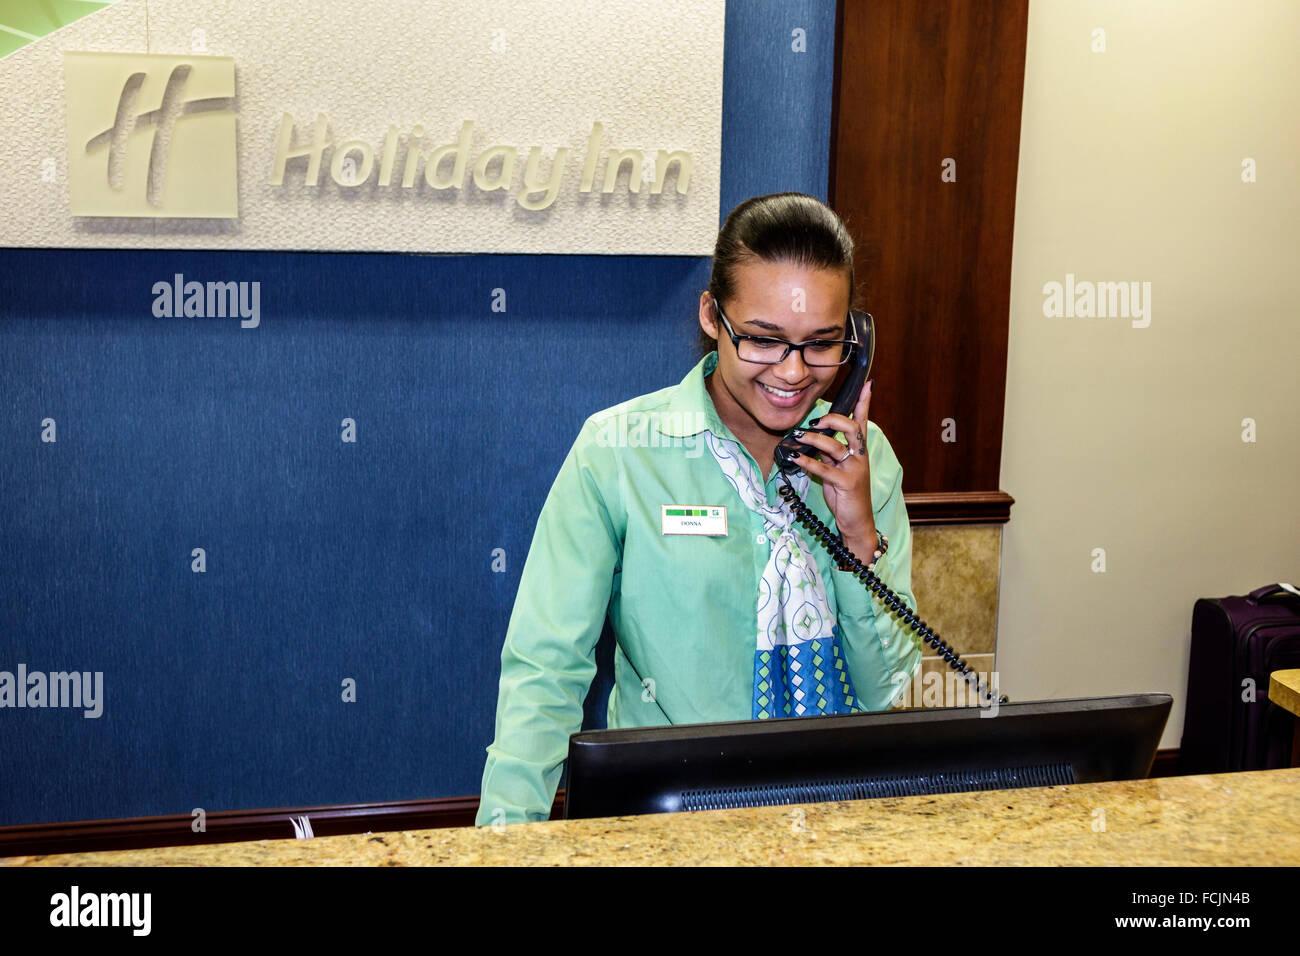 Orlando Kissimmee Orlando Florida Holiday Inn hotel dentro la lobby reception donna nera dipendente numero di telefono Immagini Stock